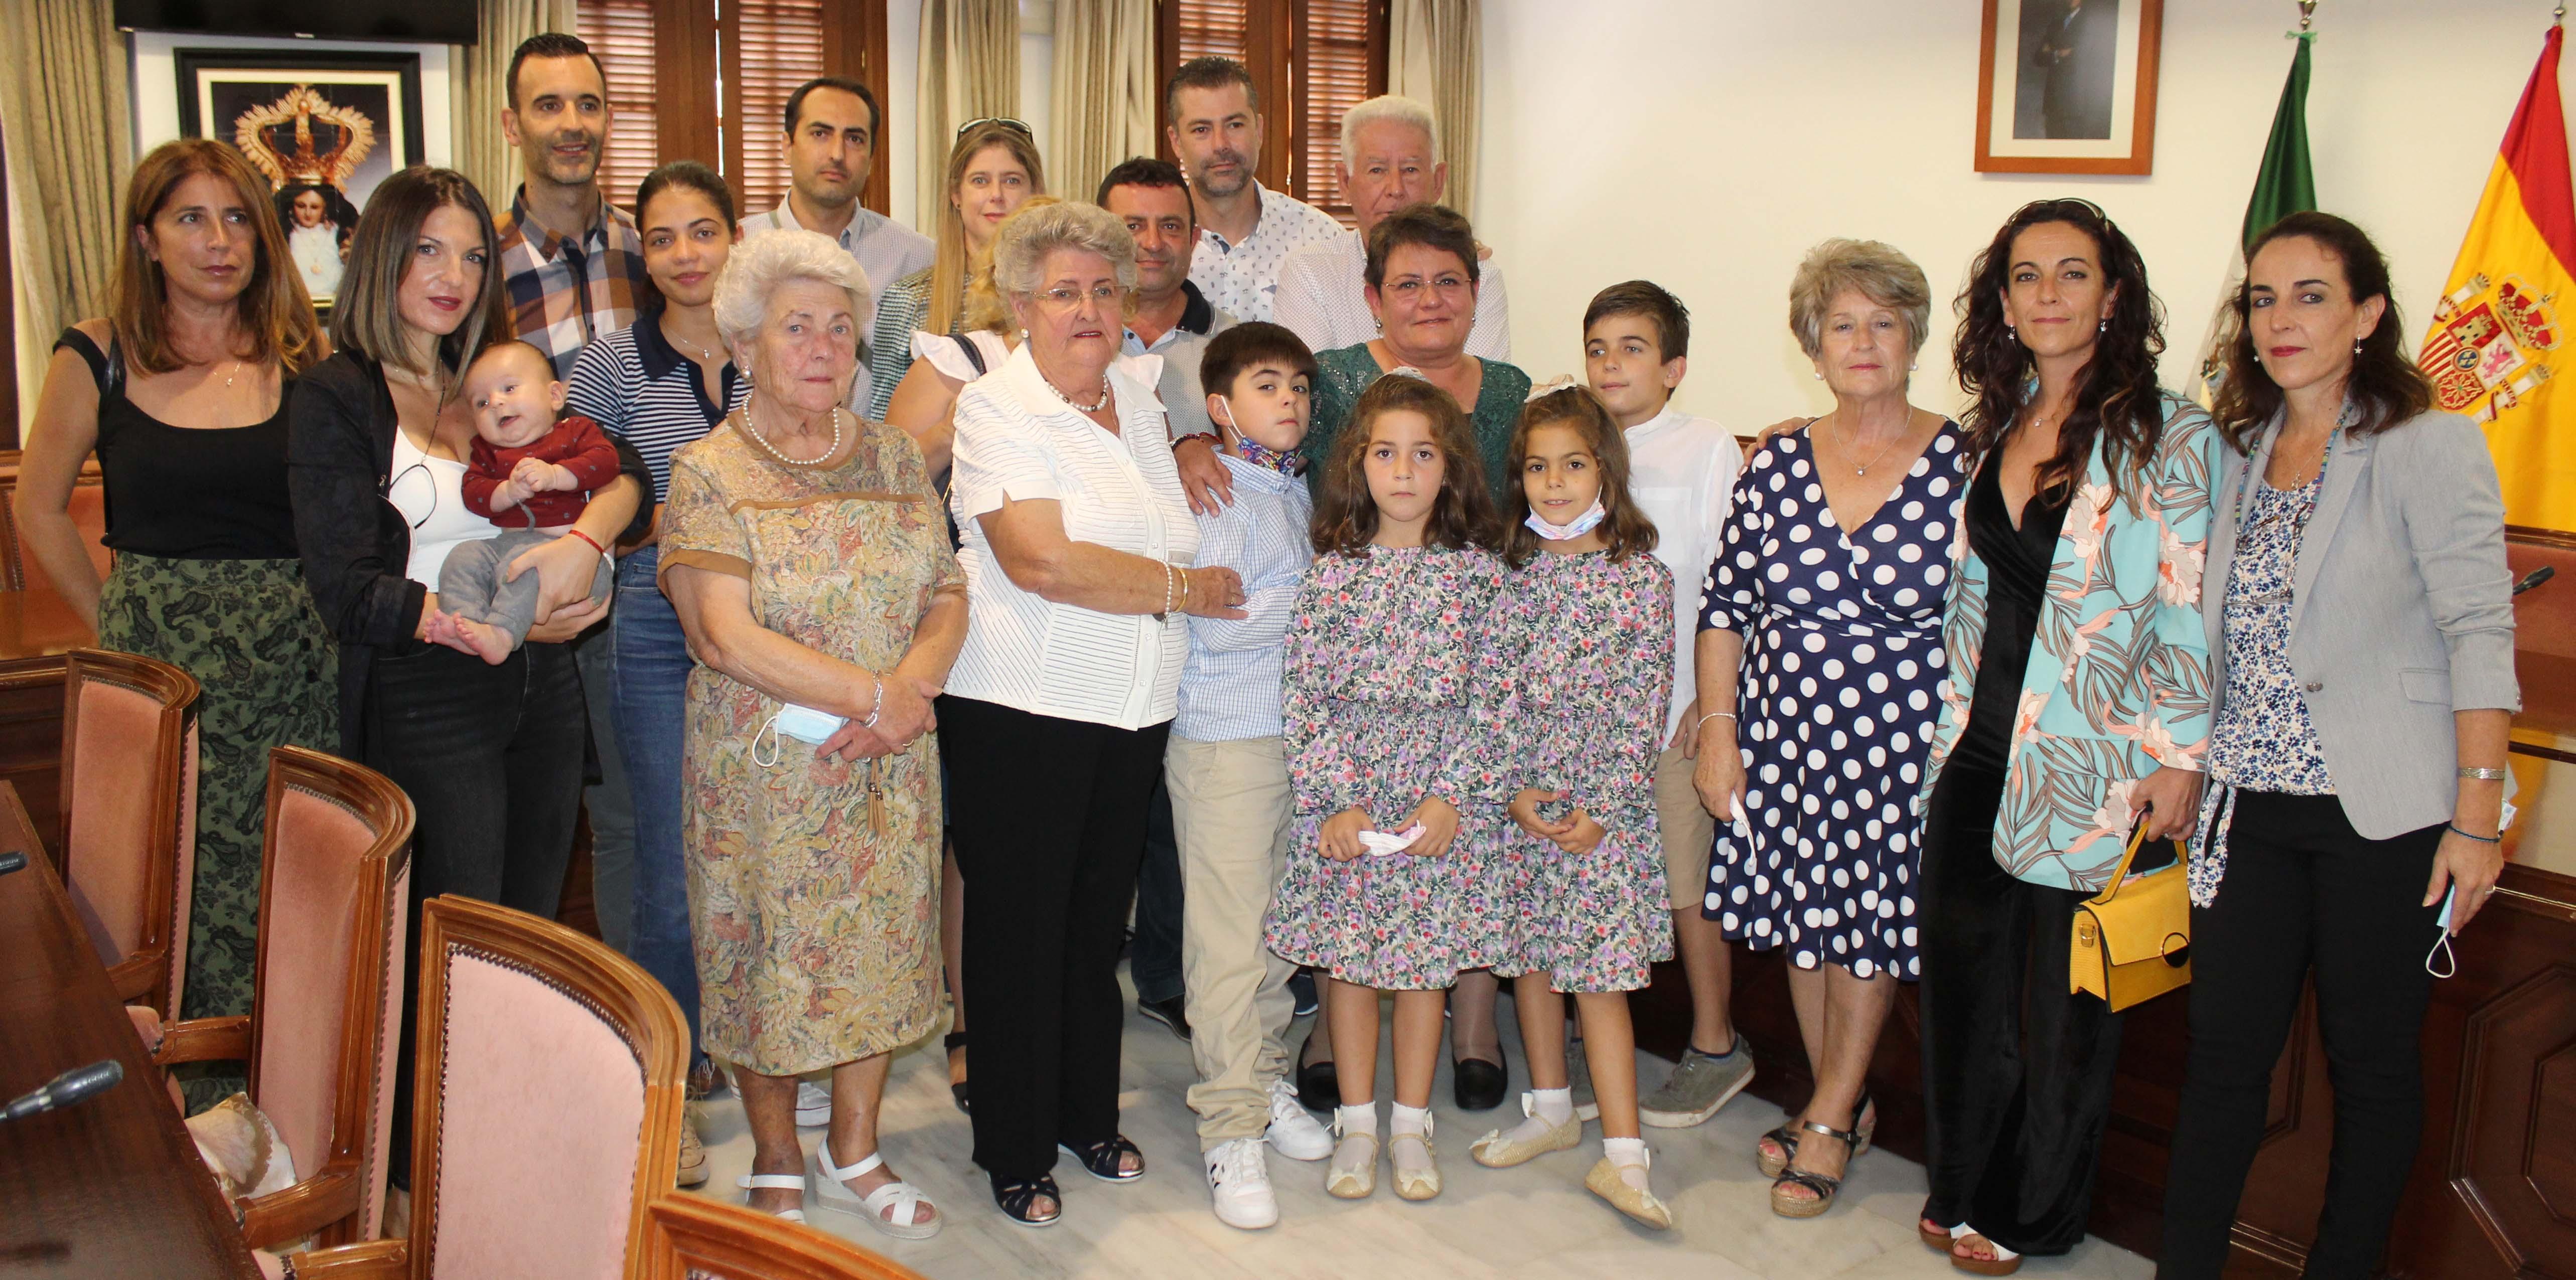 El Ayuntamiento de Mijas reconoce la labor de la trabajadora municipal María José Jaime